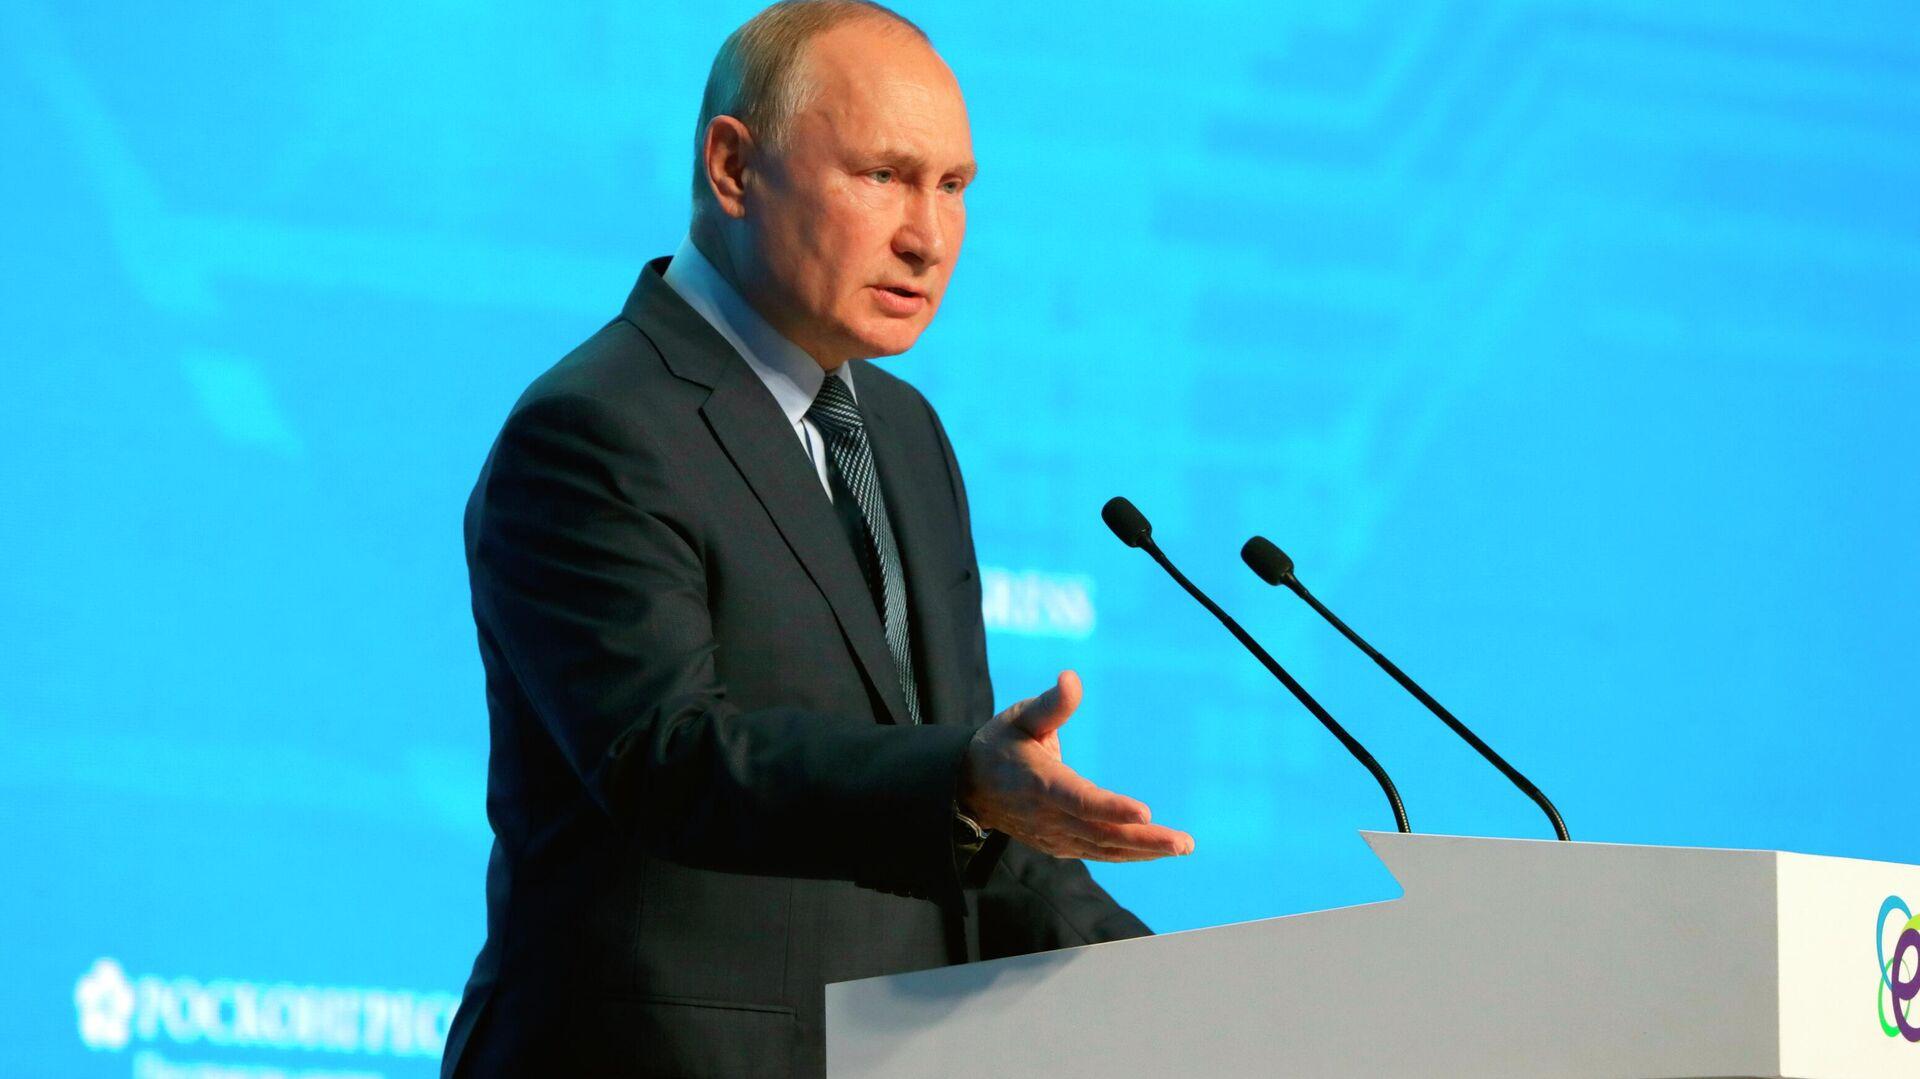 Президент РФ В. Путин принял участие в пленарном заседании форума Российская энергетическая неделя - Sputnik Узбекистан, 1920, 14.10.2021